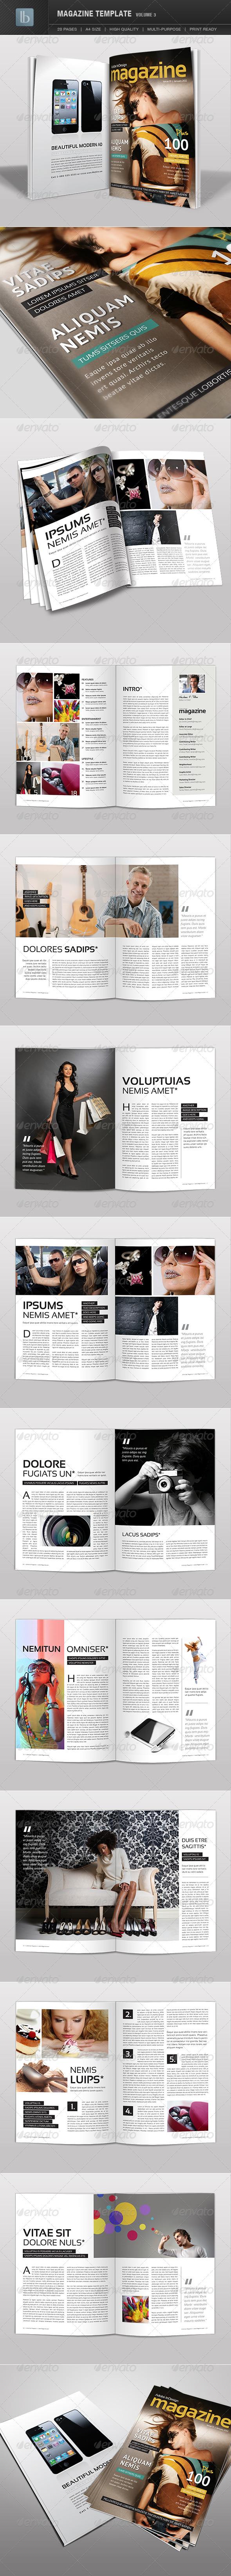 GraphicRiver Magazine Template Volume 3 2438842